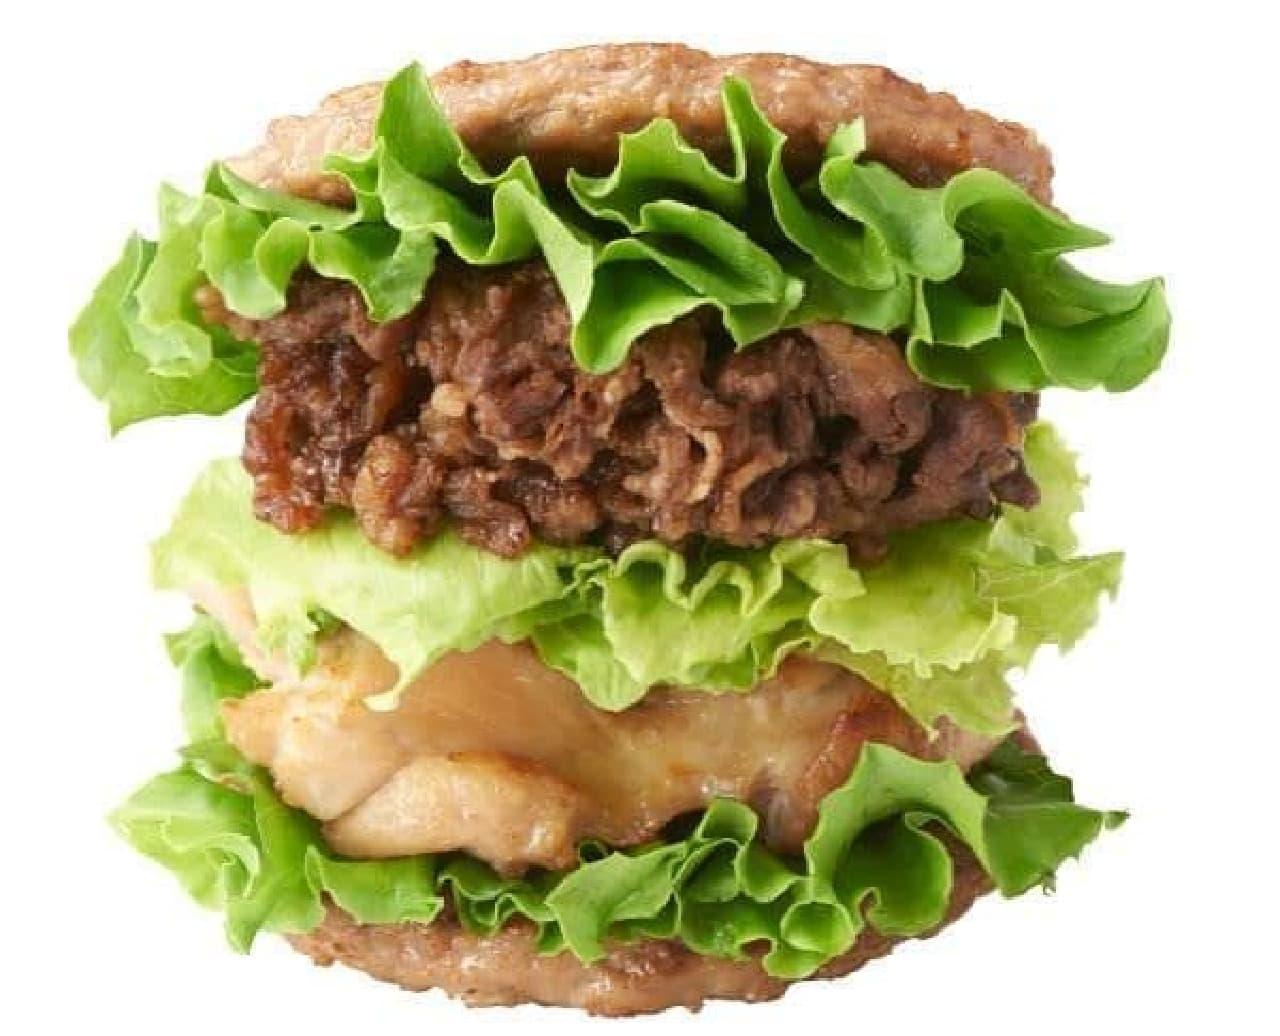 「にくにくにくバーガー」はバンズ(パン)の代わりにパティ(お肉)で具を挟んだバーガー